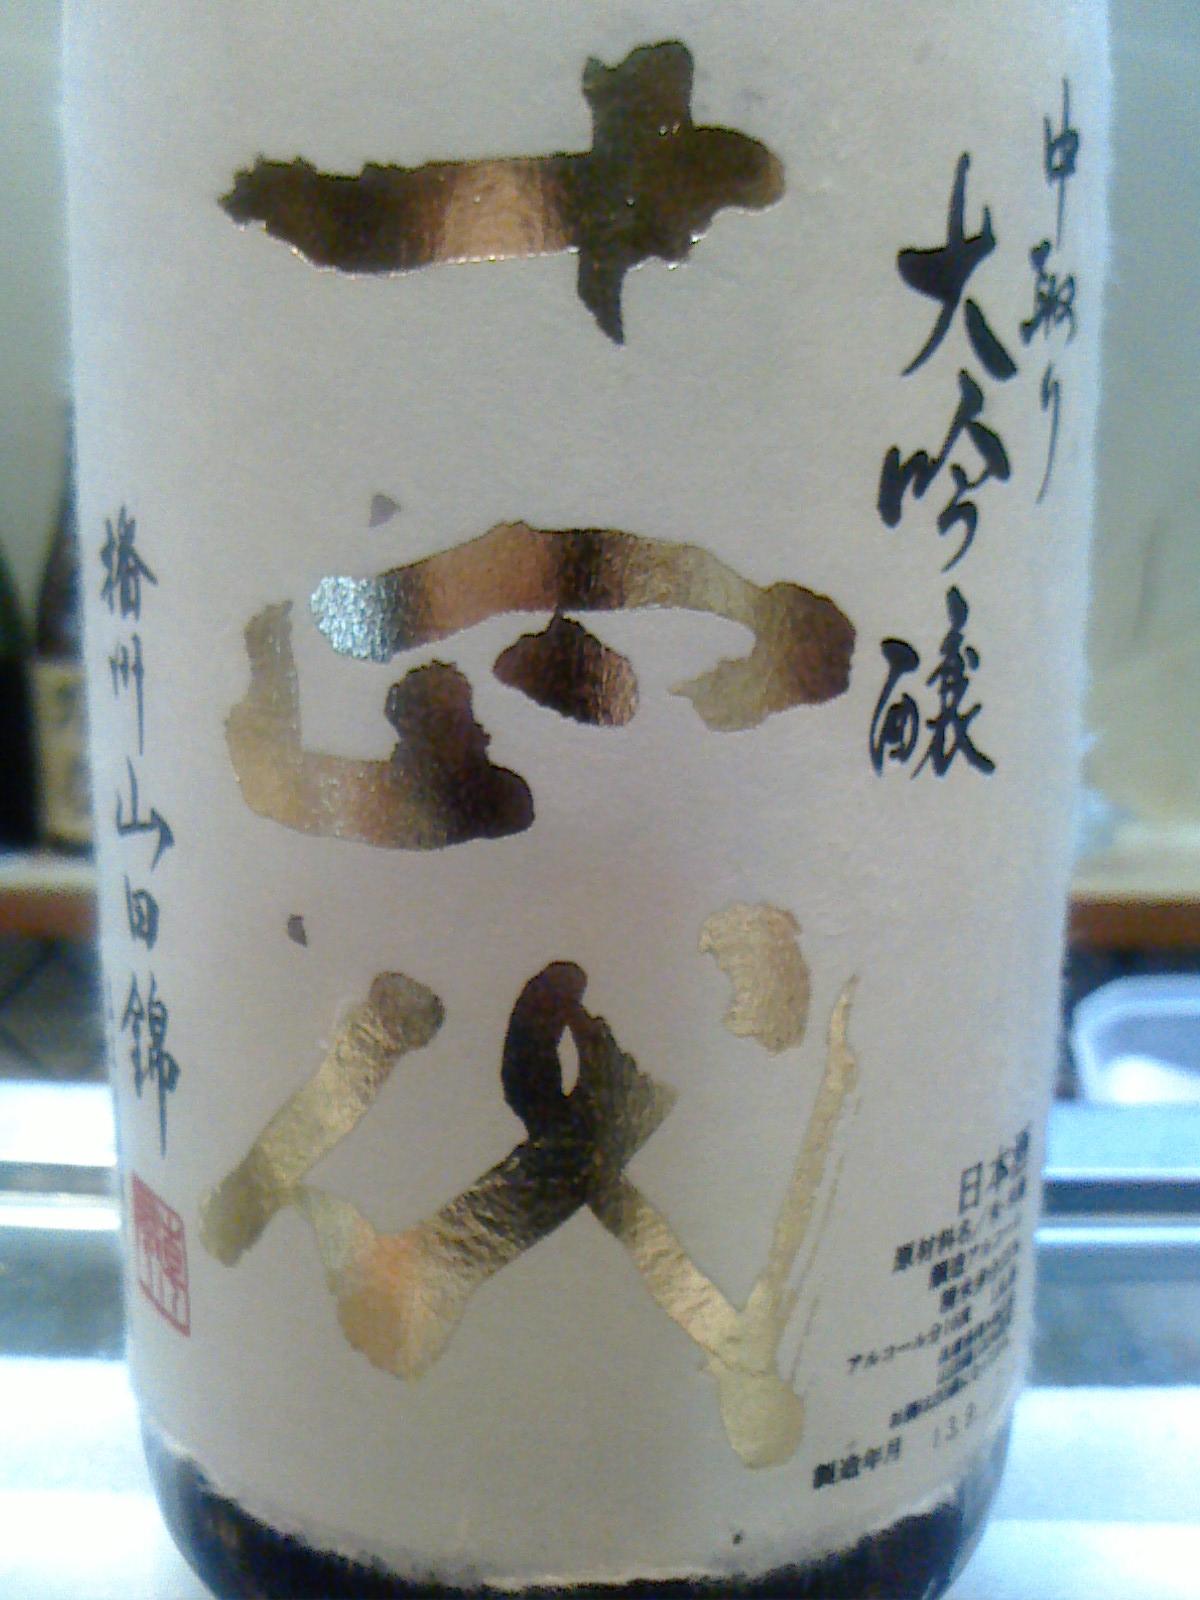 千葉でとても美味しいお寿司をお腹いっぱいいただきました。_c0225997_940495.jpg